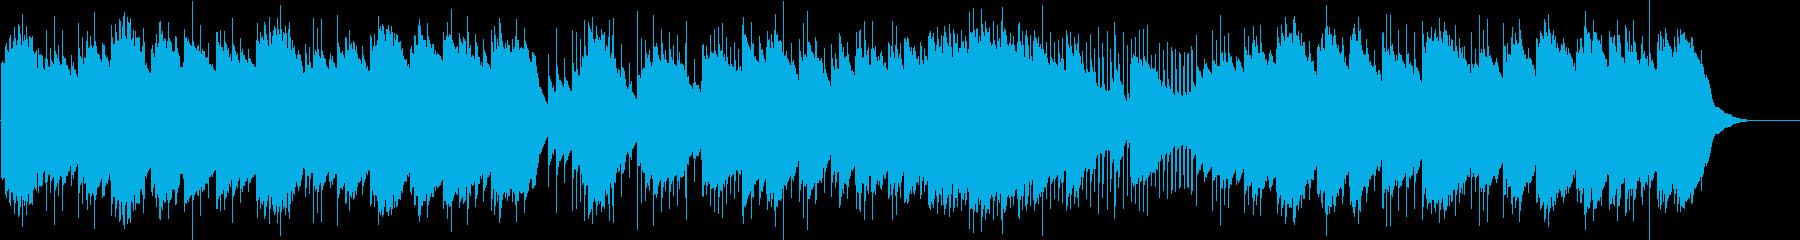 ホラー 短調のクラシック2(オルゴール)の再生済みの波形